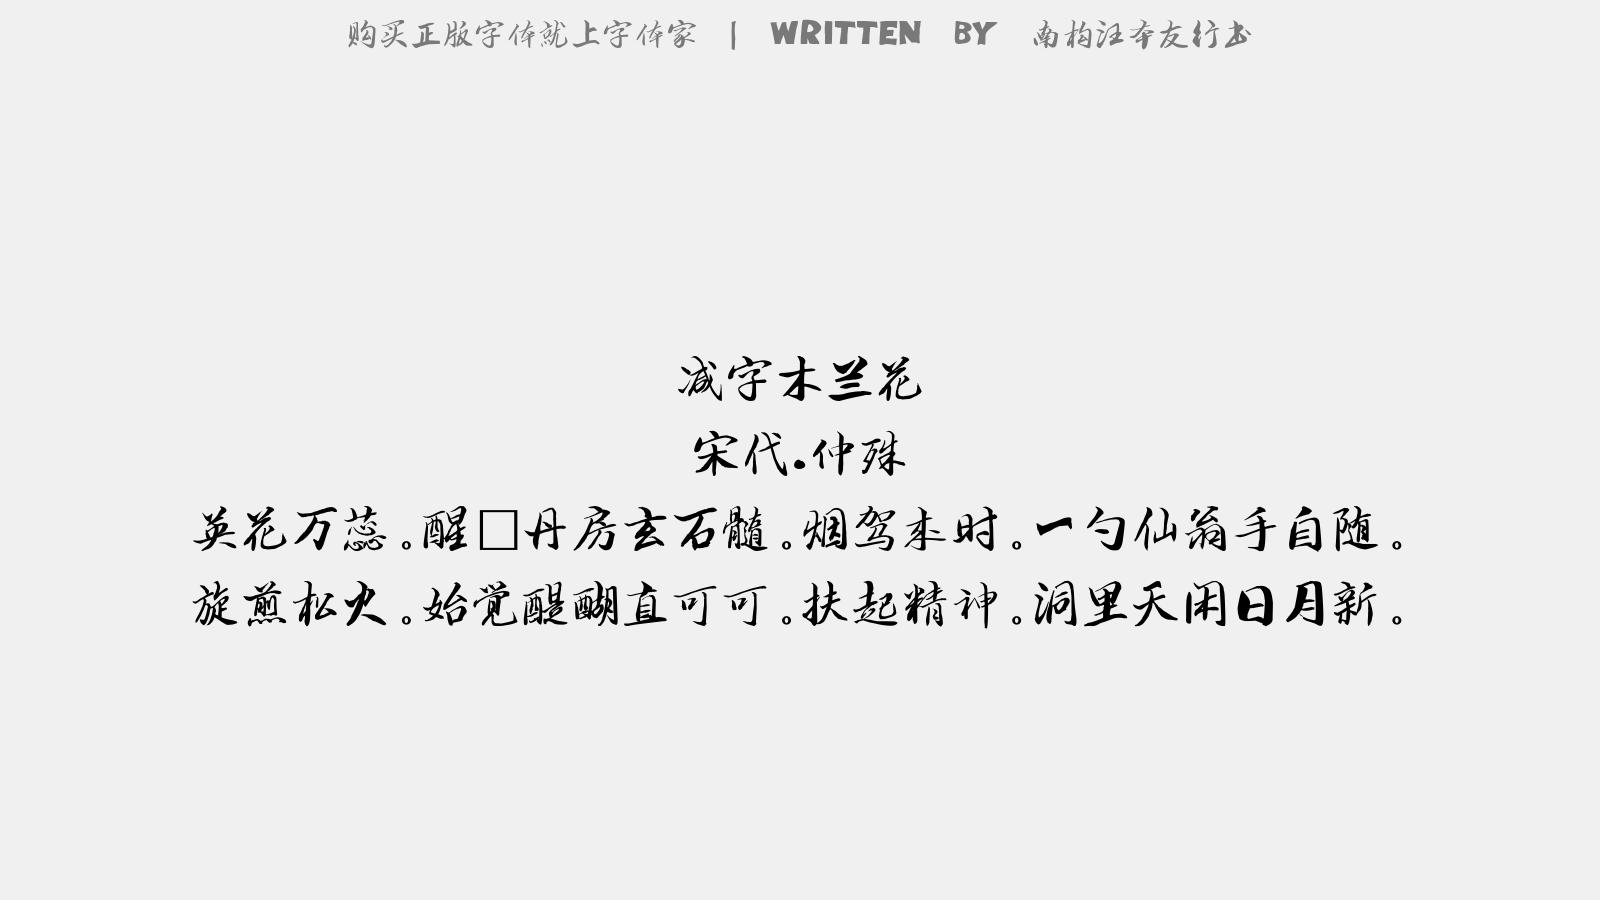 南構汪本友行書 - 減字木蘭花